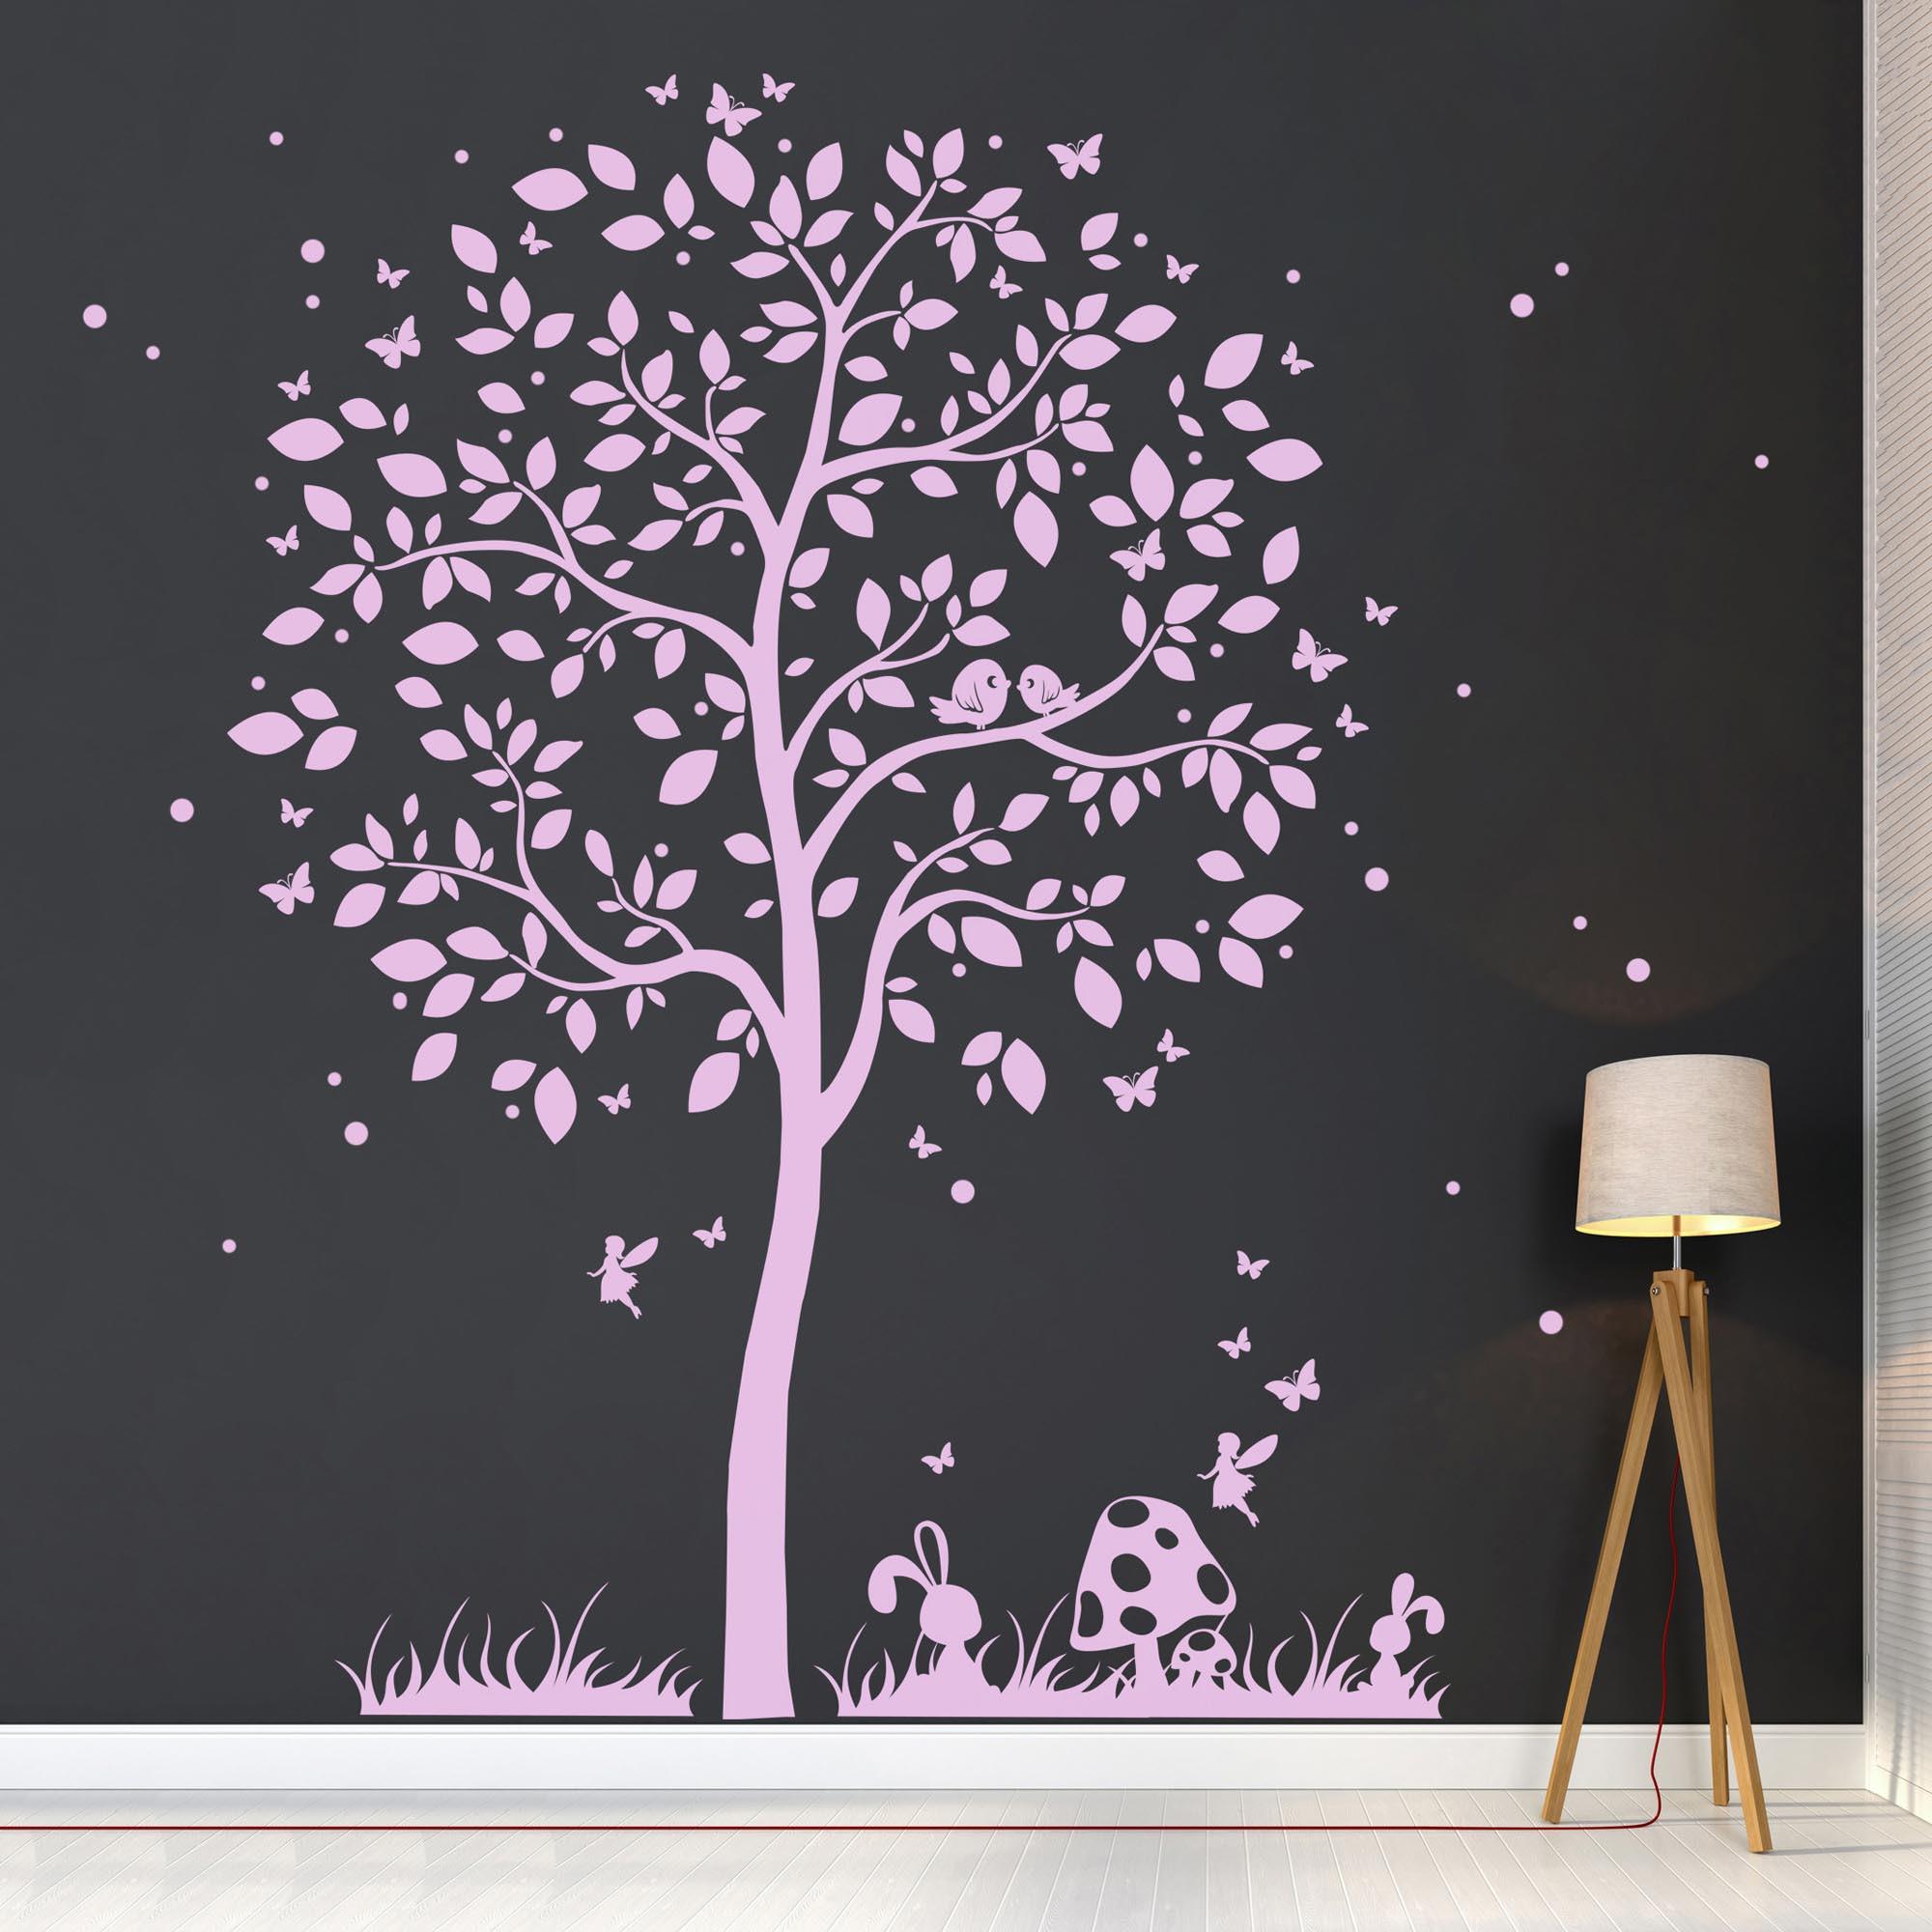 Wandtattoo Baum Mit Vogelchen Hasen Elfe Und Schmetterlinge M1933 Wandtattoos Elfentur Tassen